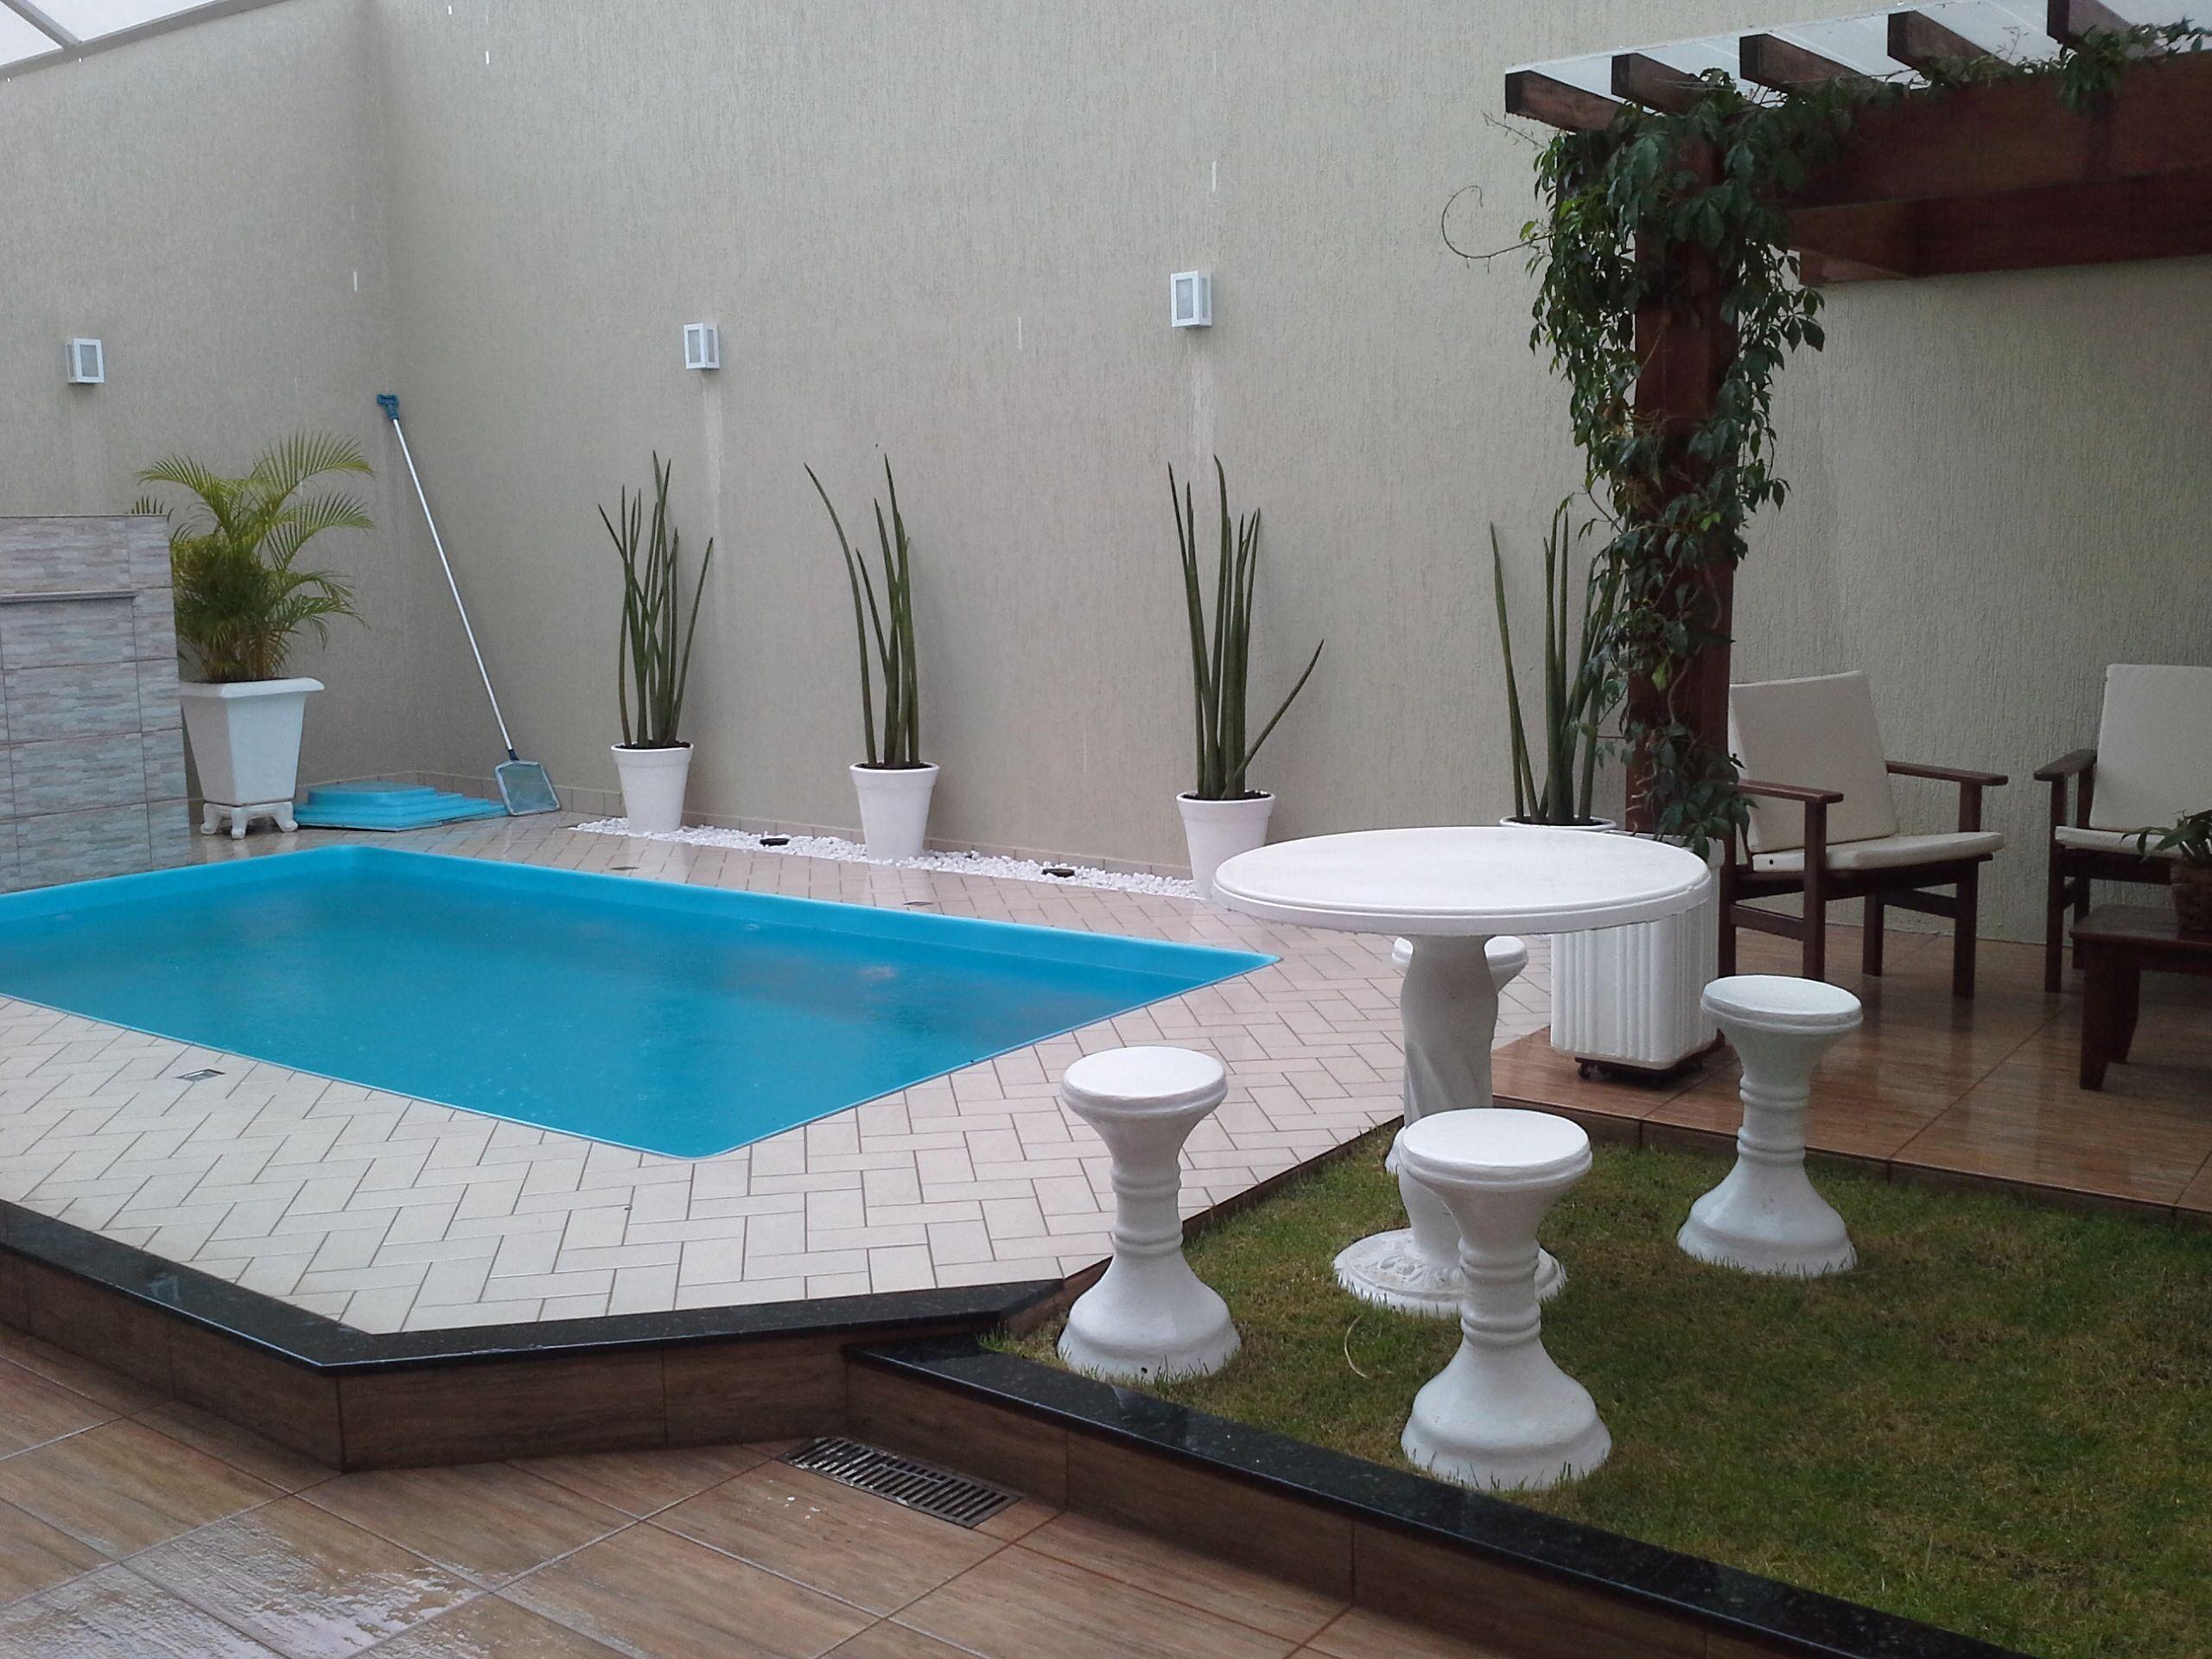 Dise o jardin piscina peque a casa dise o - Diseno de piscinas ...